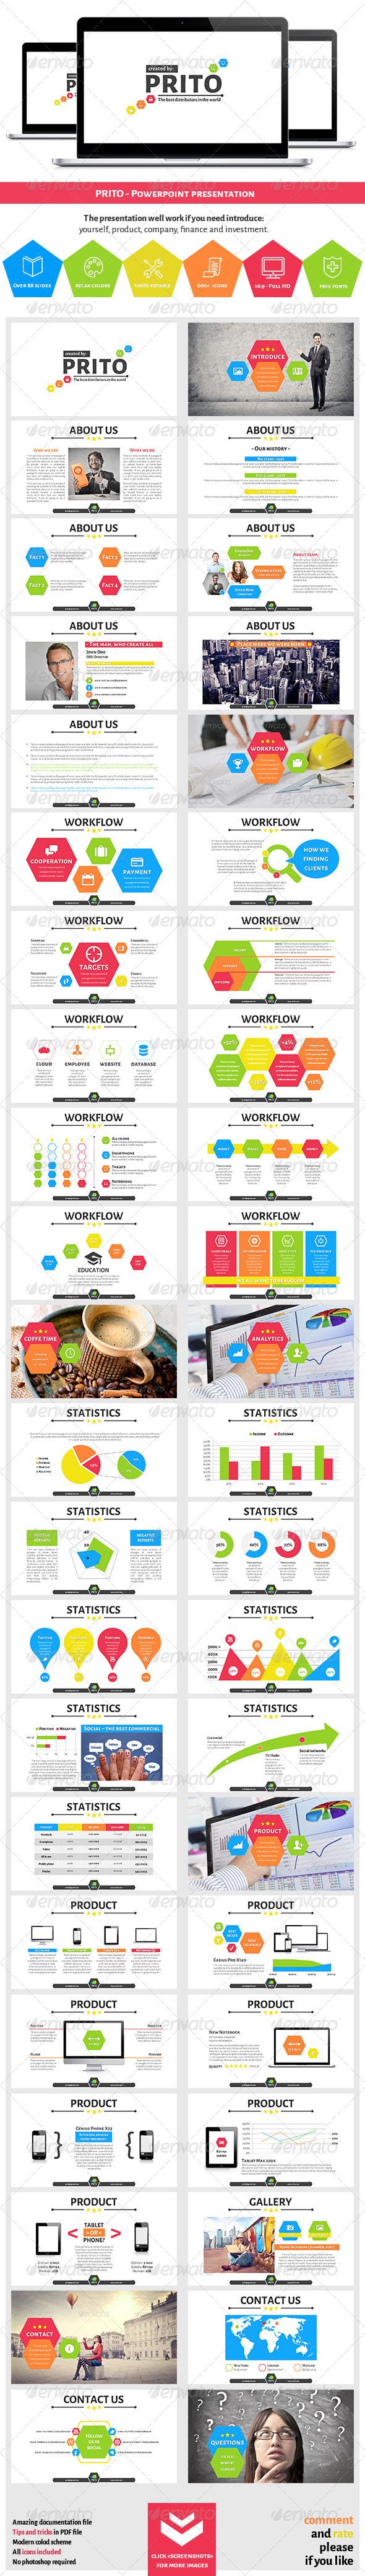 GraphicRiver Prito Powerpoint Presentation 7060267